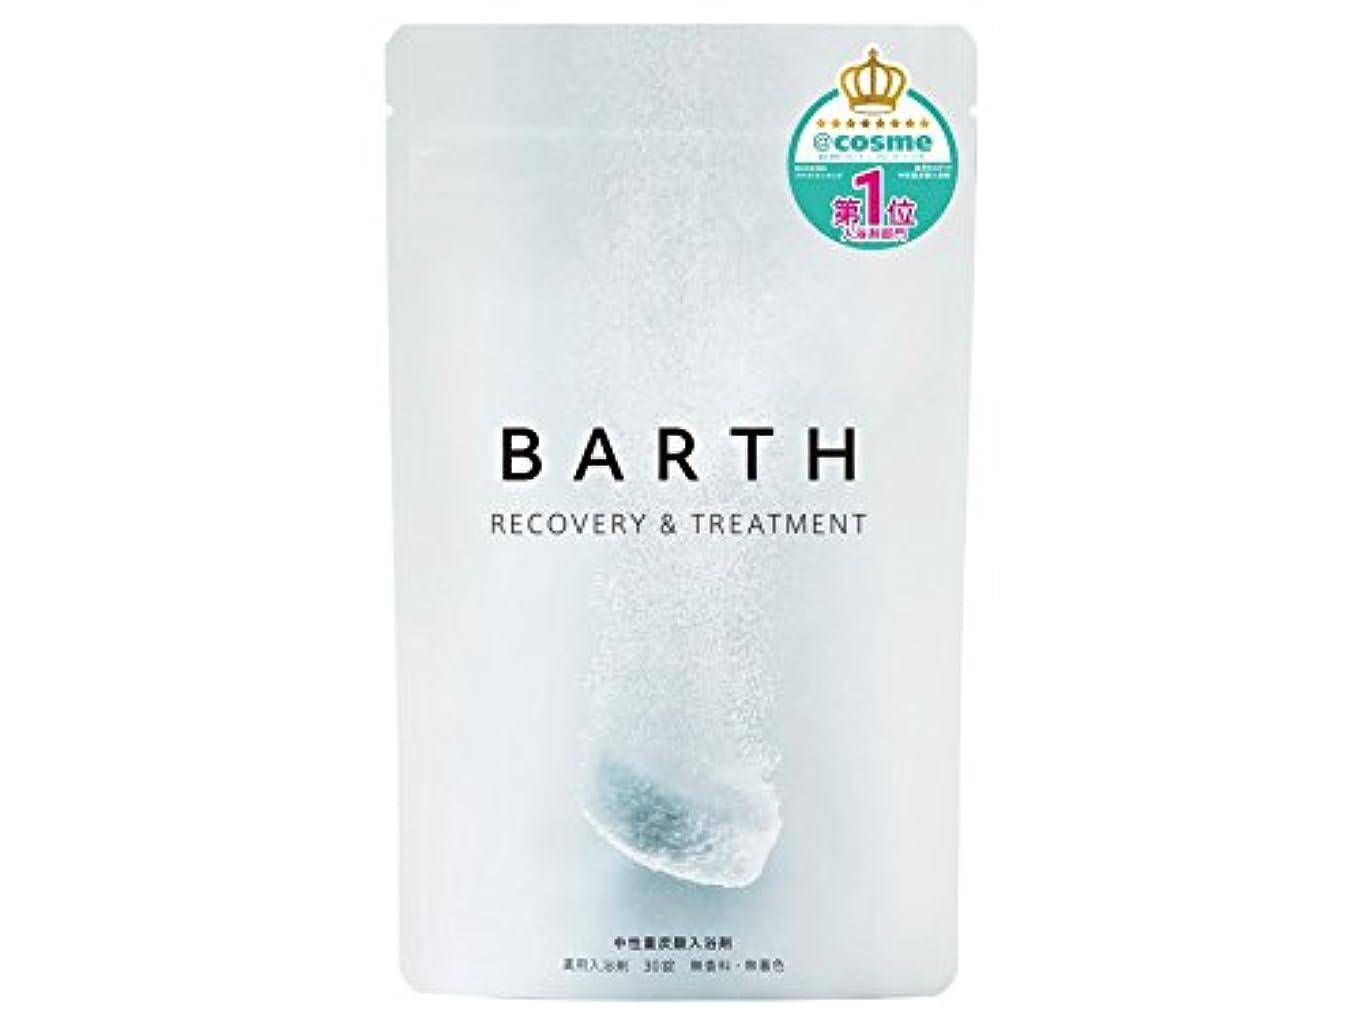 判定風完璧BARTH【バース】入浴剤 中性 重炭酸 30錠入り (炭酸泉 無香料 保湿 発汗)